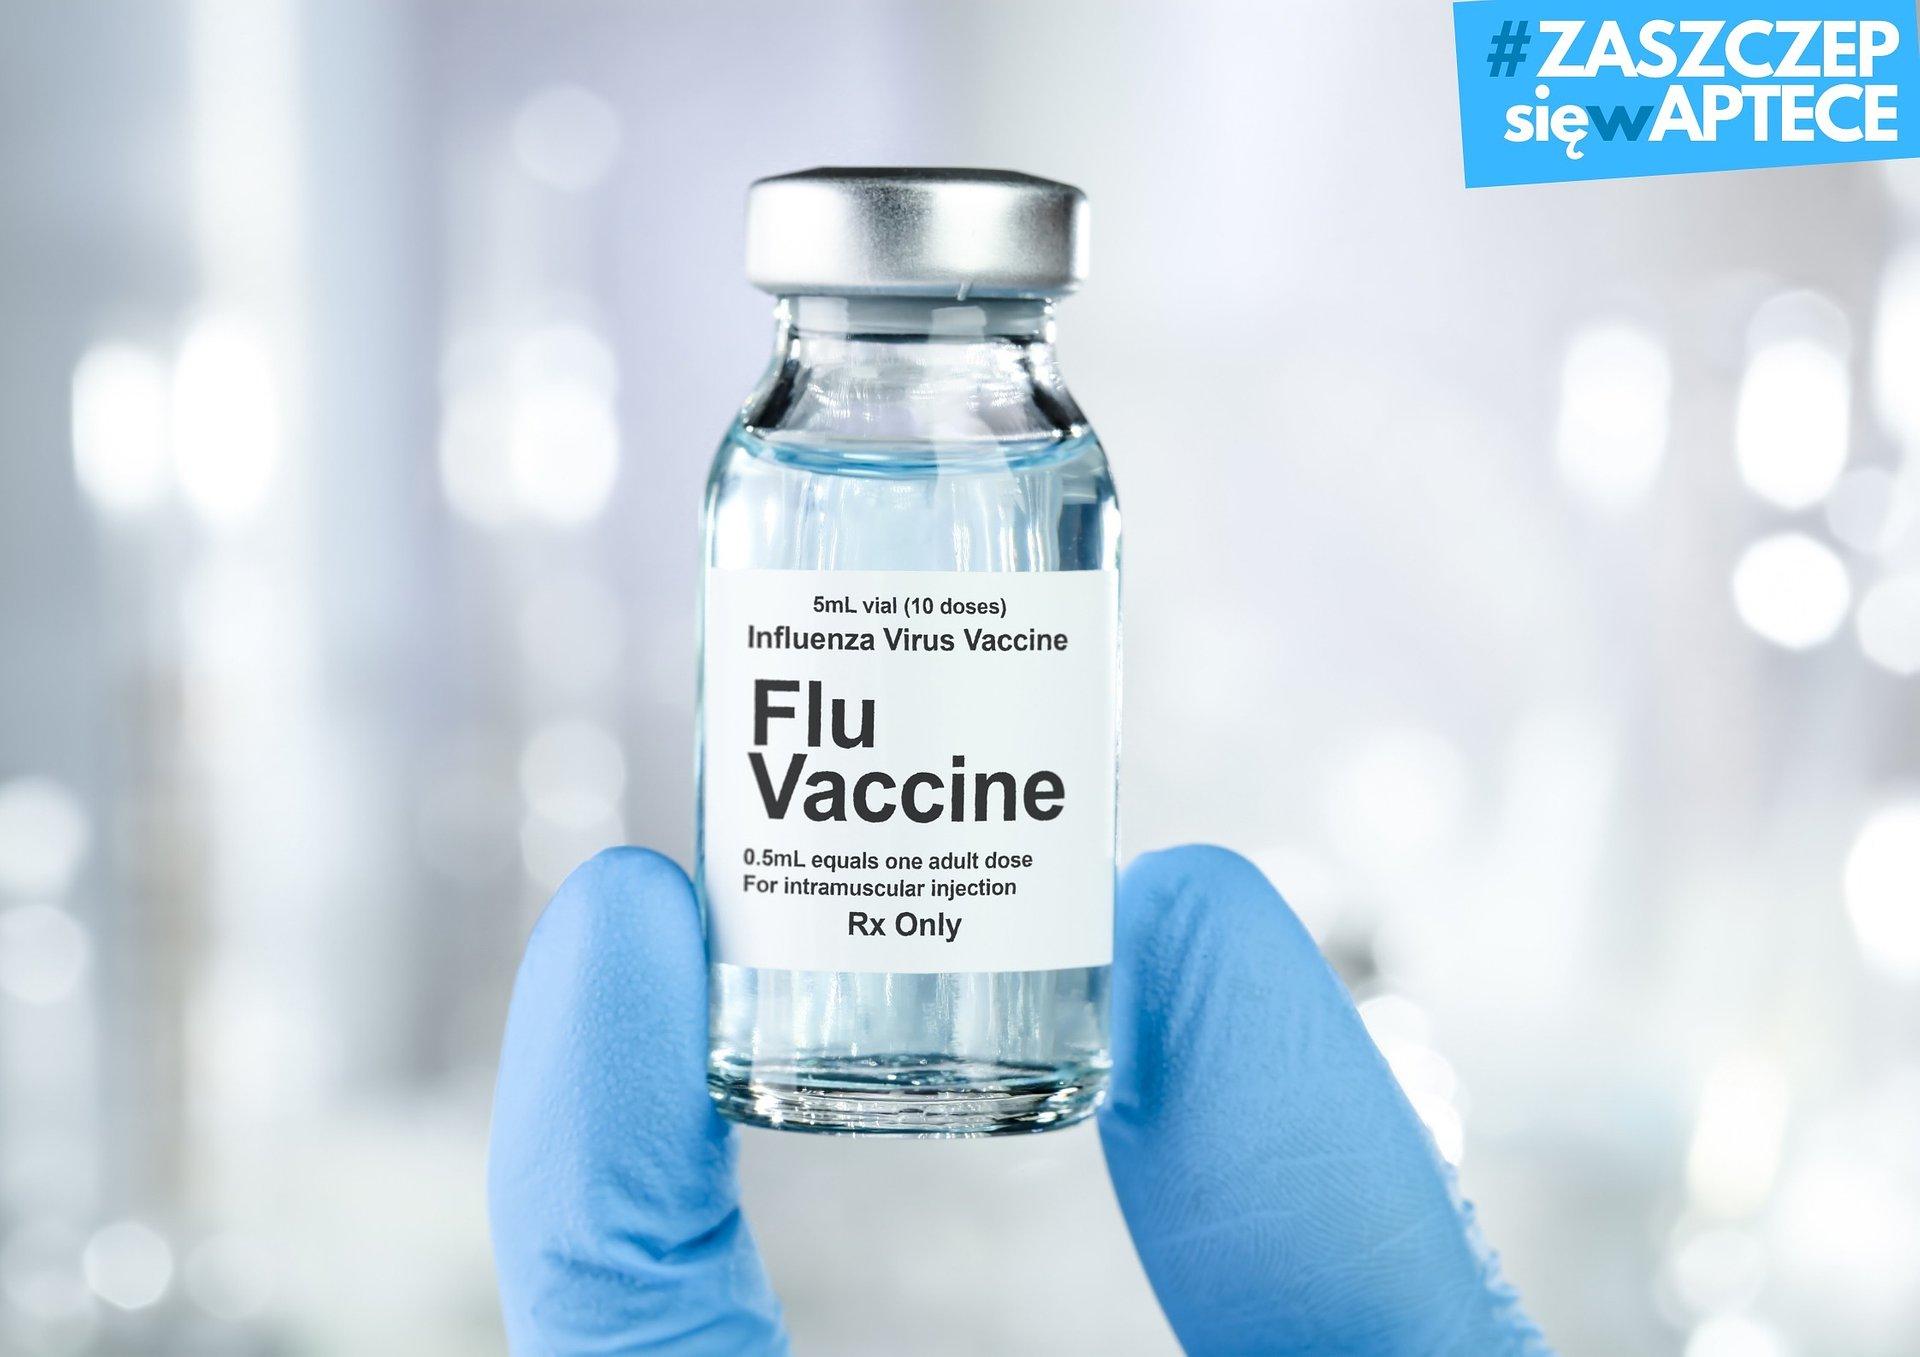 Nasz apel o szczepienia przeciw grypie. Resort: kwestia tygodni, nie ma odwrotu